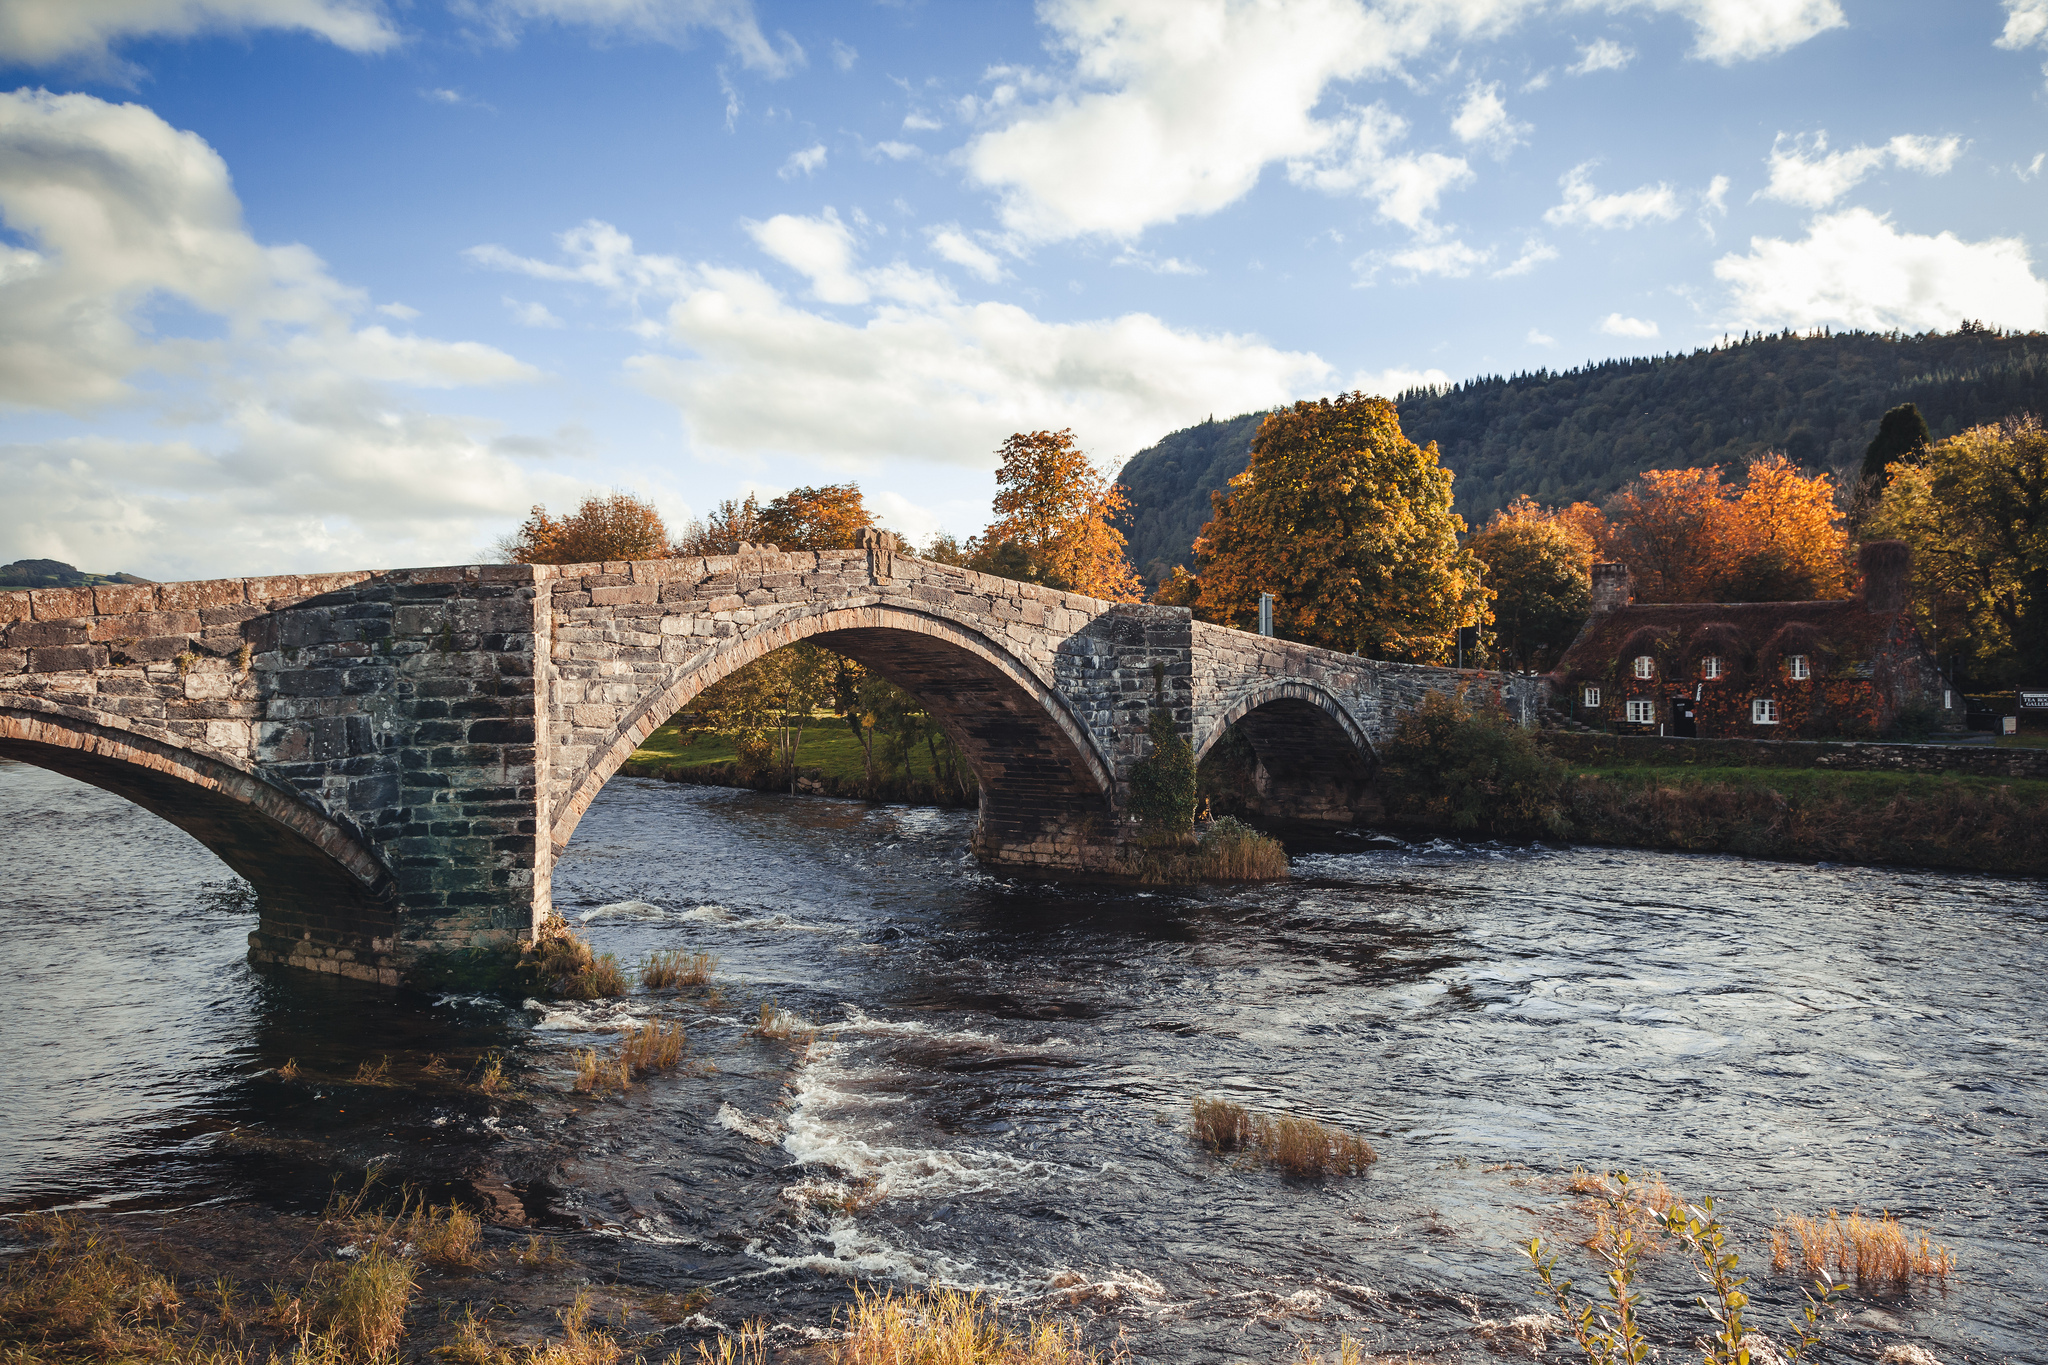 Мост через речку в ущелье  № 2239432 бесплатно